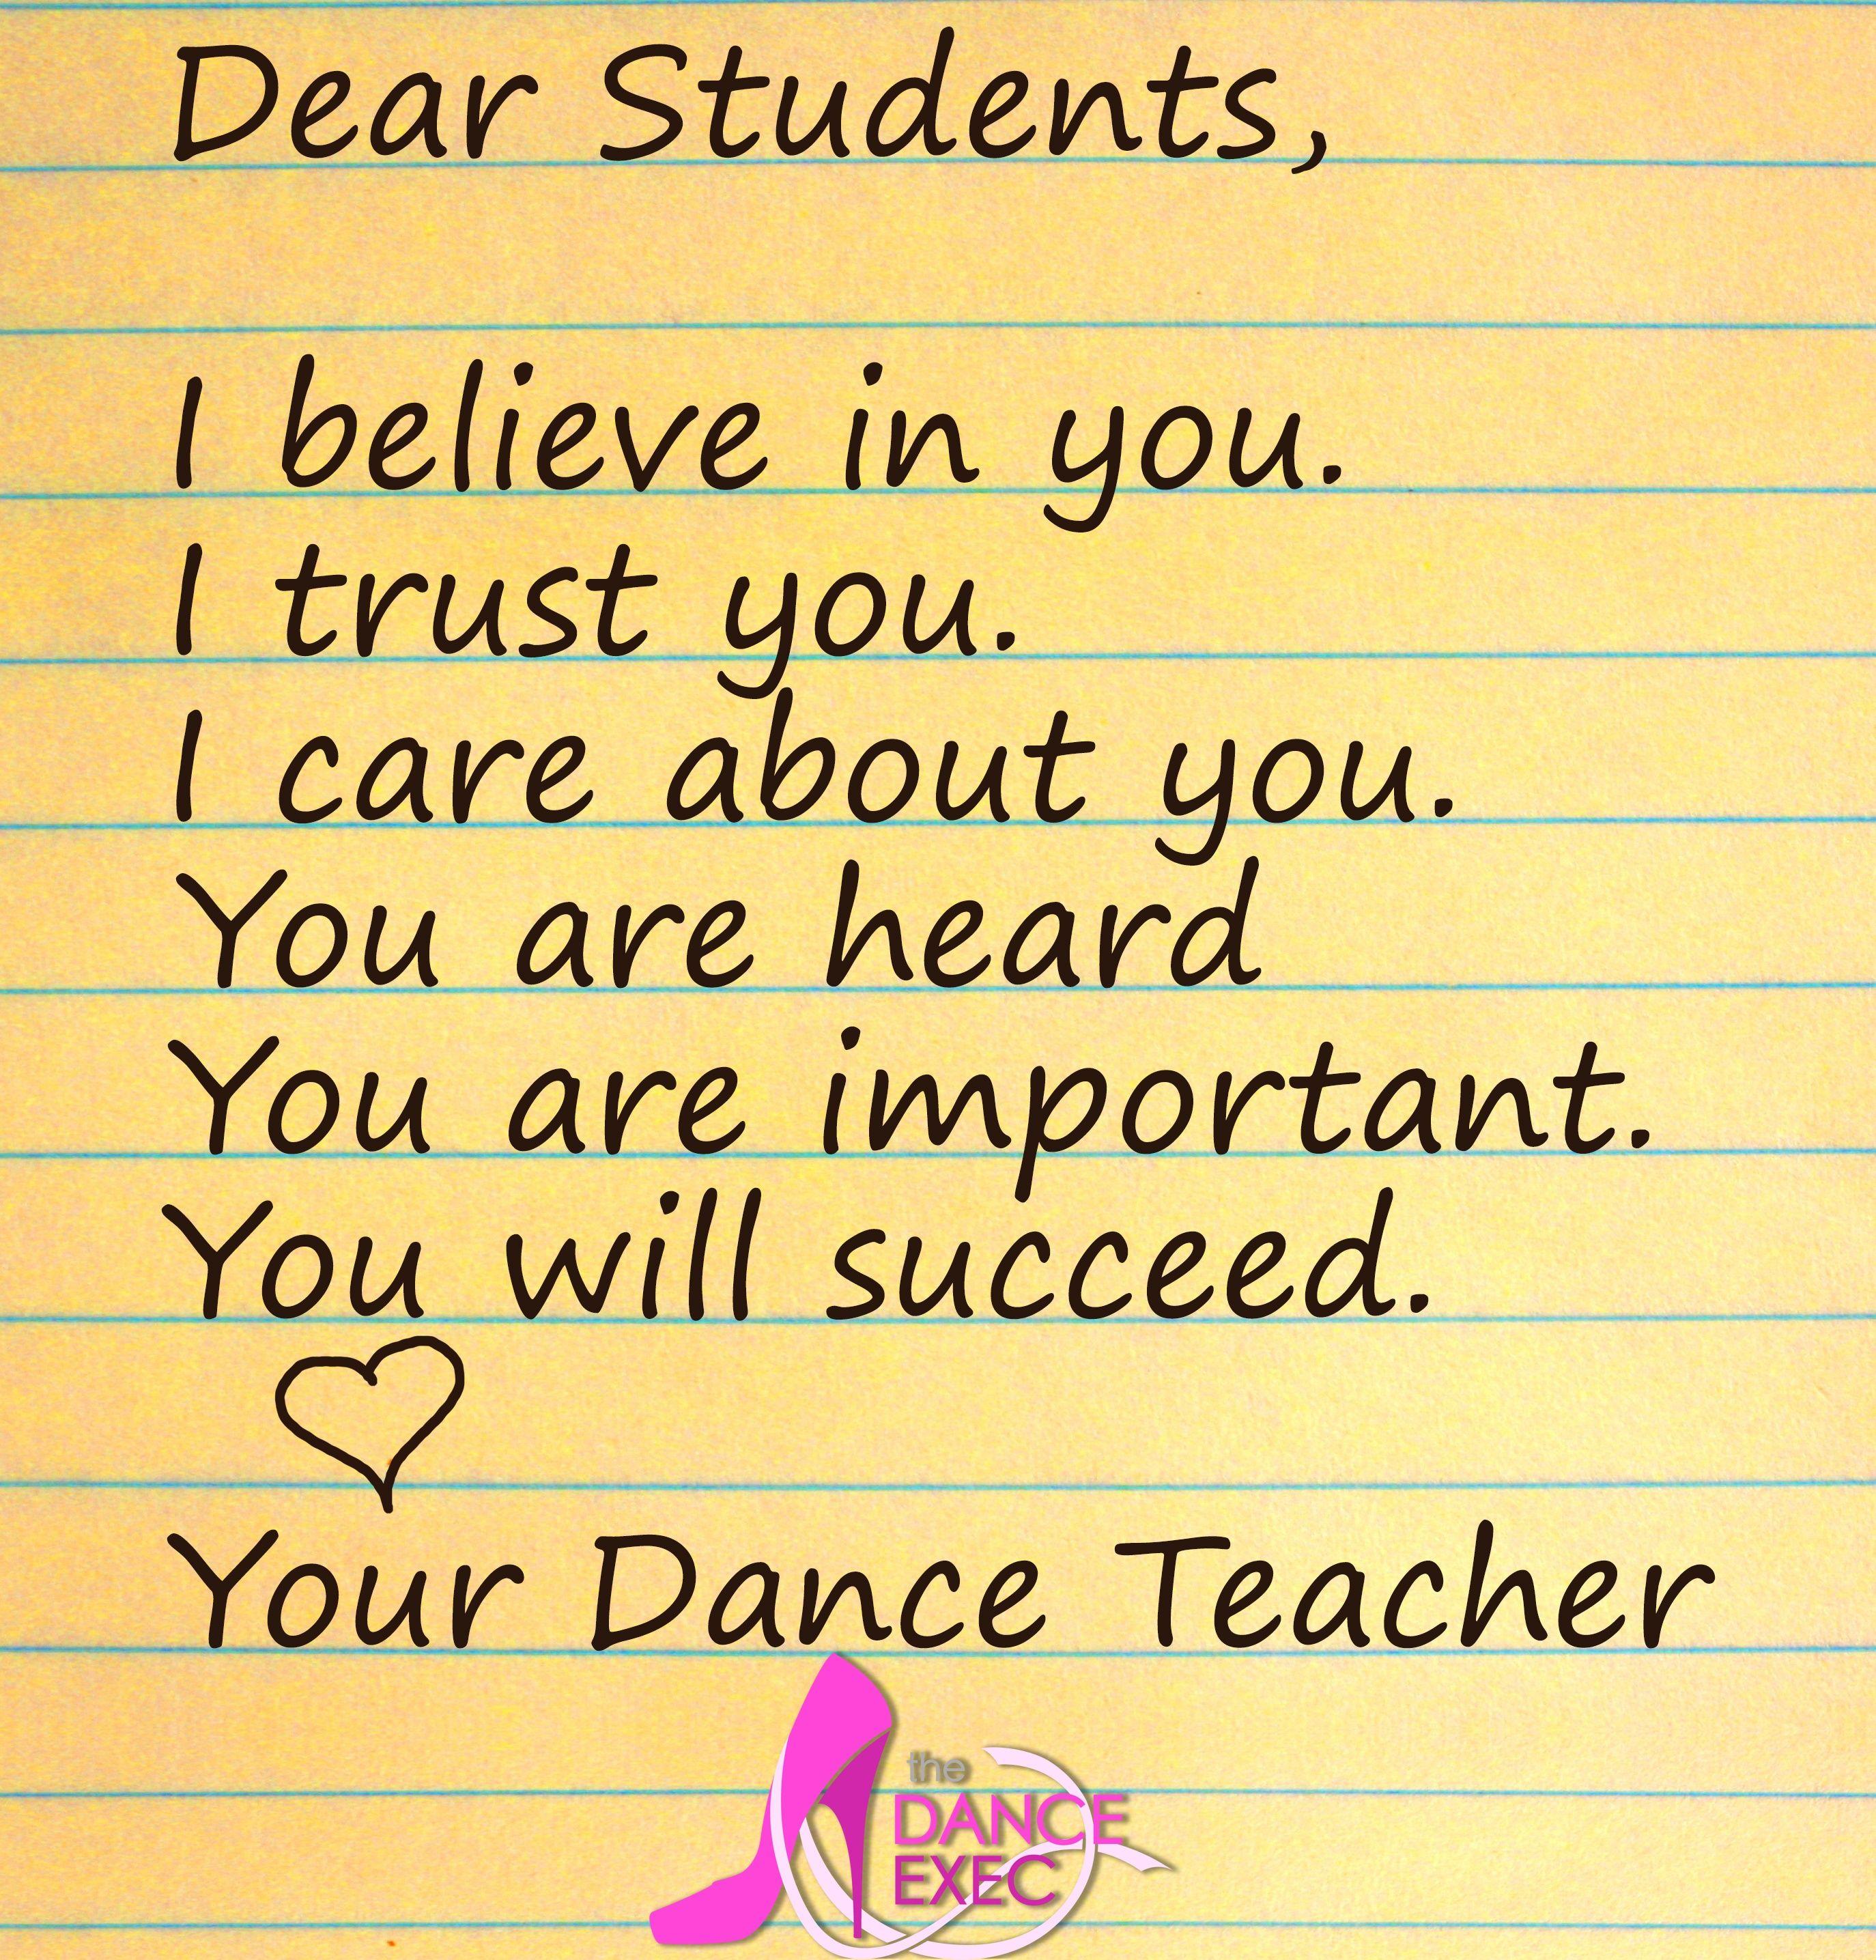 Dance Teachers Believe In Their Students! Www.danceexec